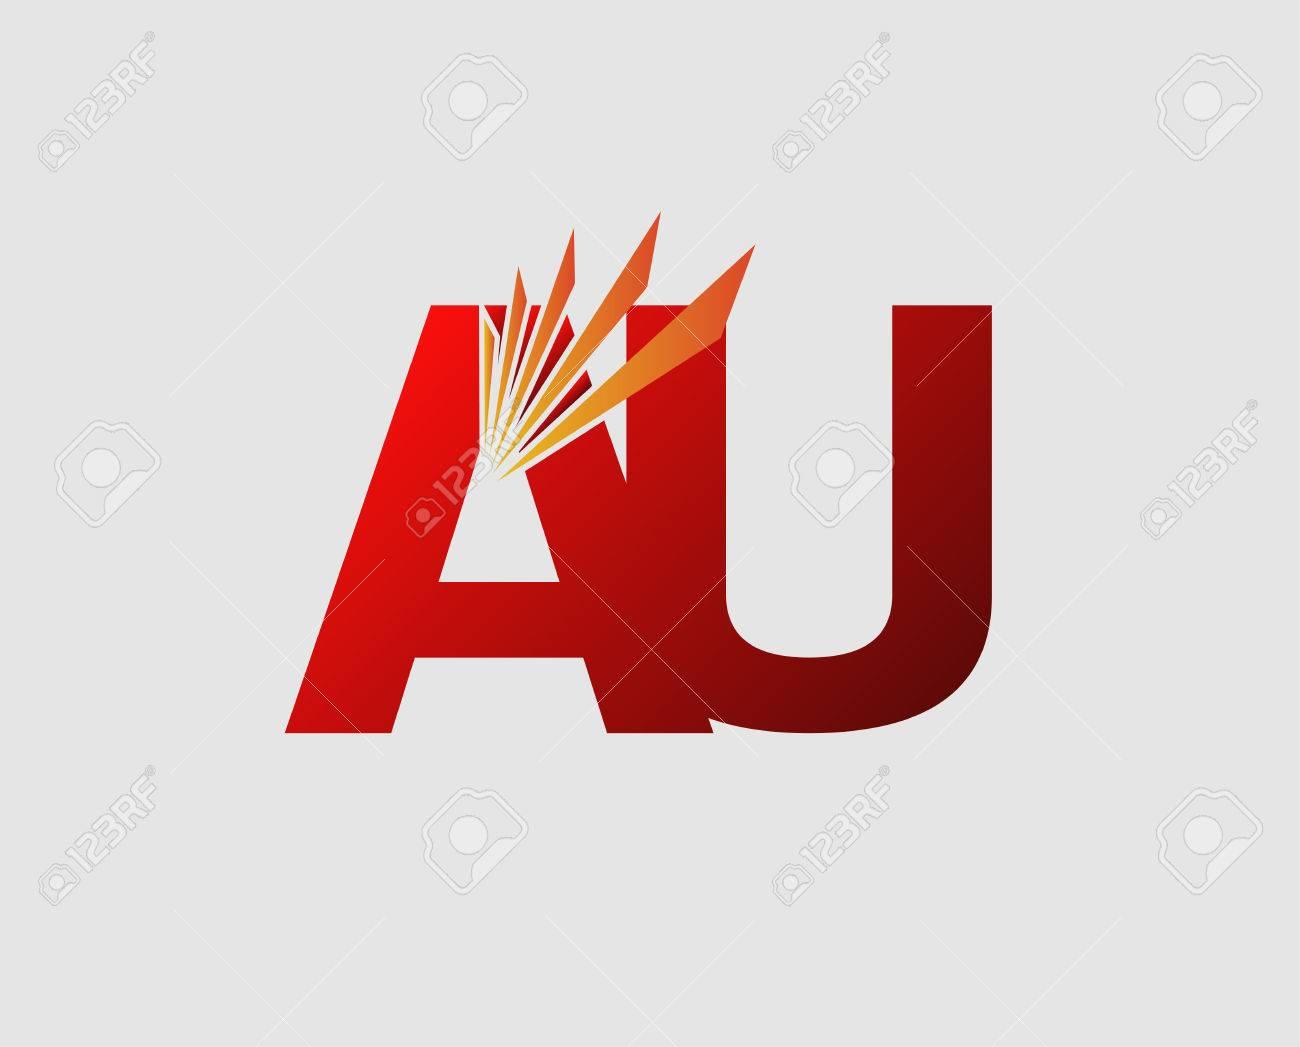 Au の手紙のイラスト素材ベクタ Image 60011670